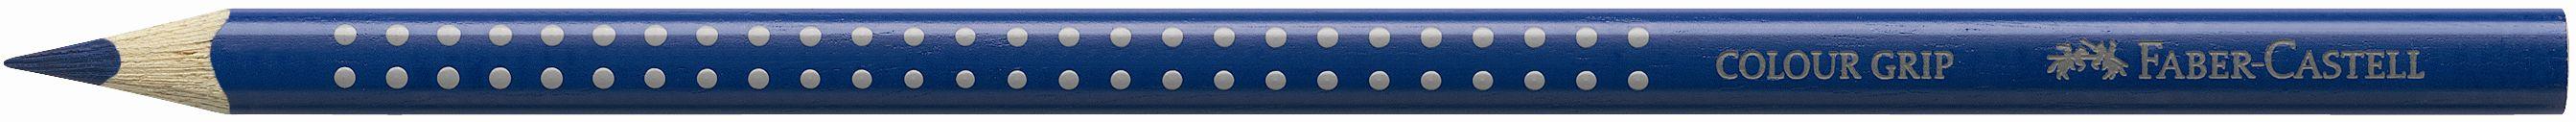 Pastelka Color Grip / 151 modře ftalokyanová Faber Castell - Akvarelové pastelky Faber Castell - Akvarelové pastelky